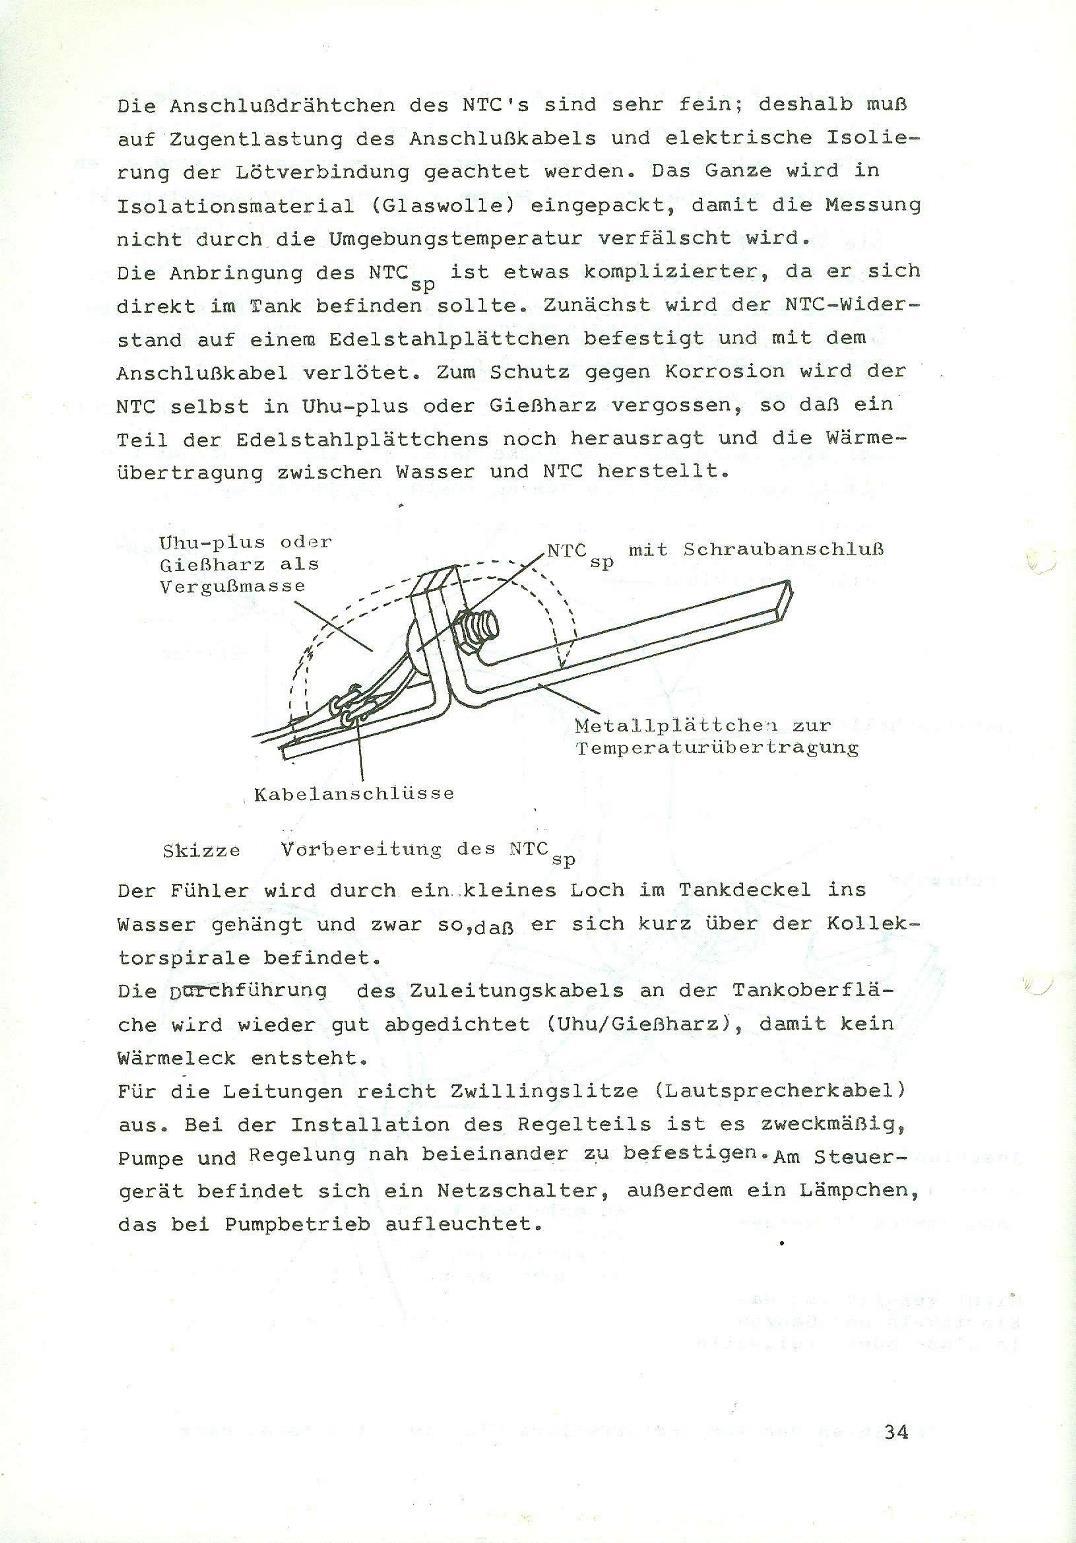 Hessen_AKW091